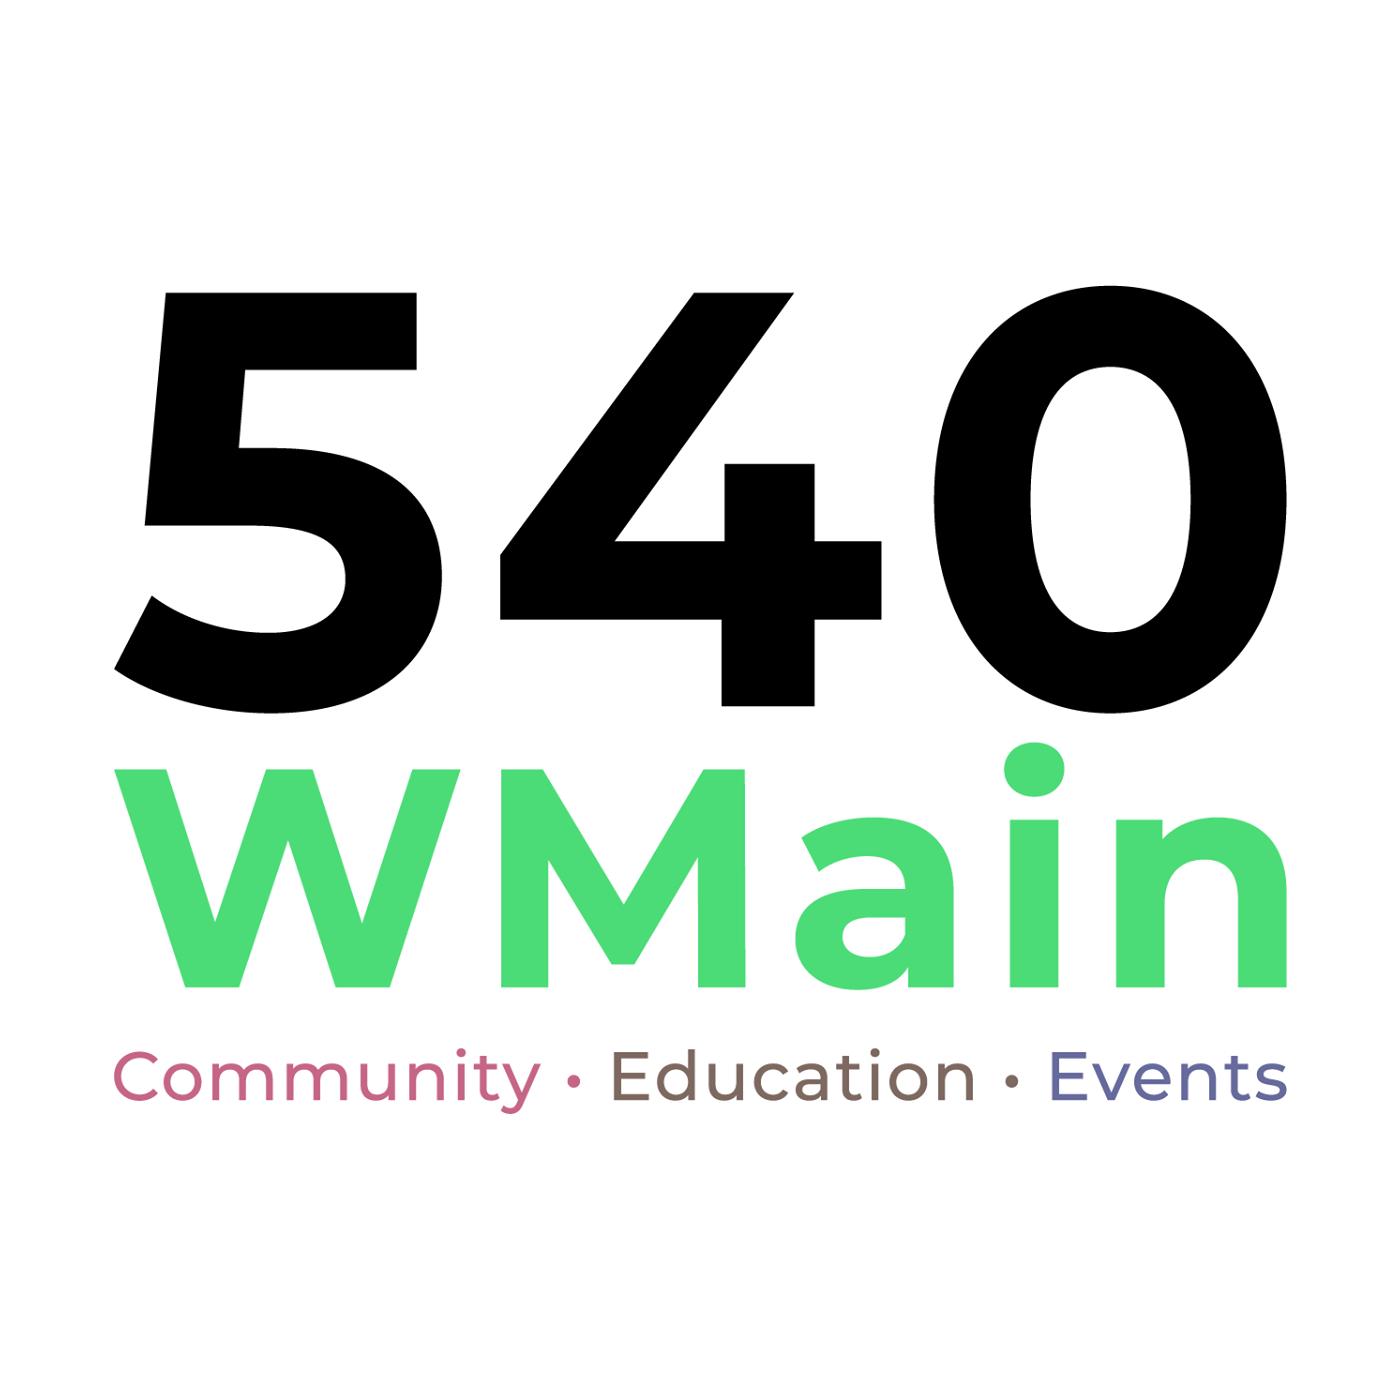 540 West Main